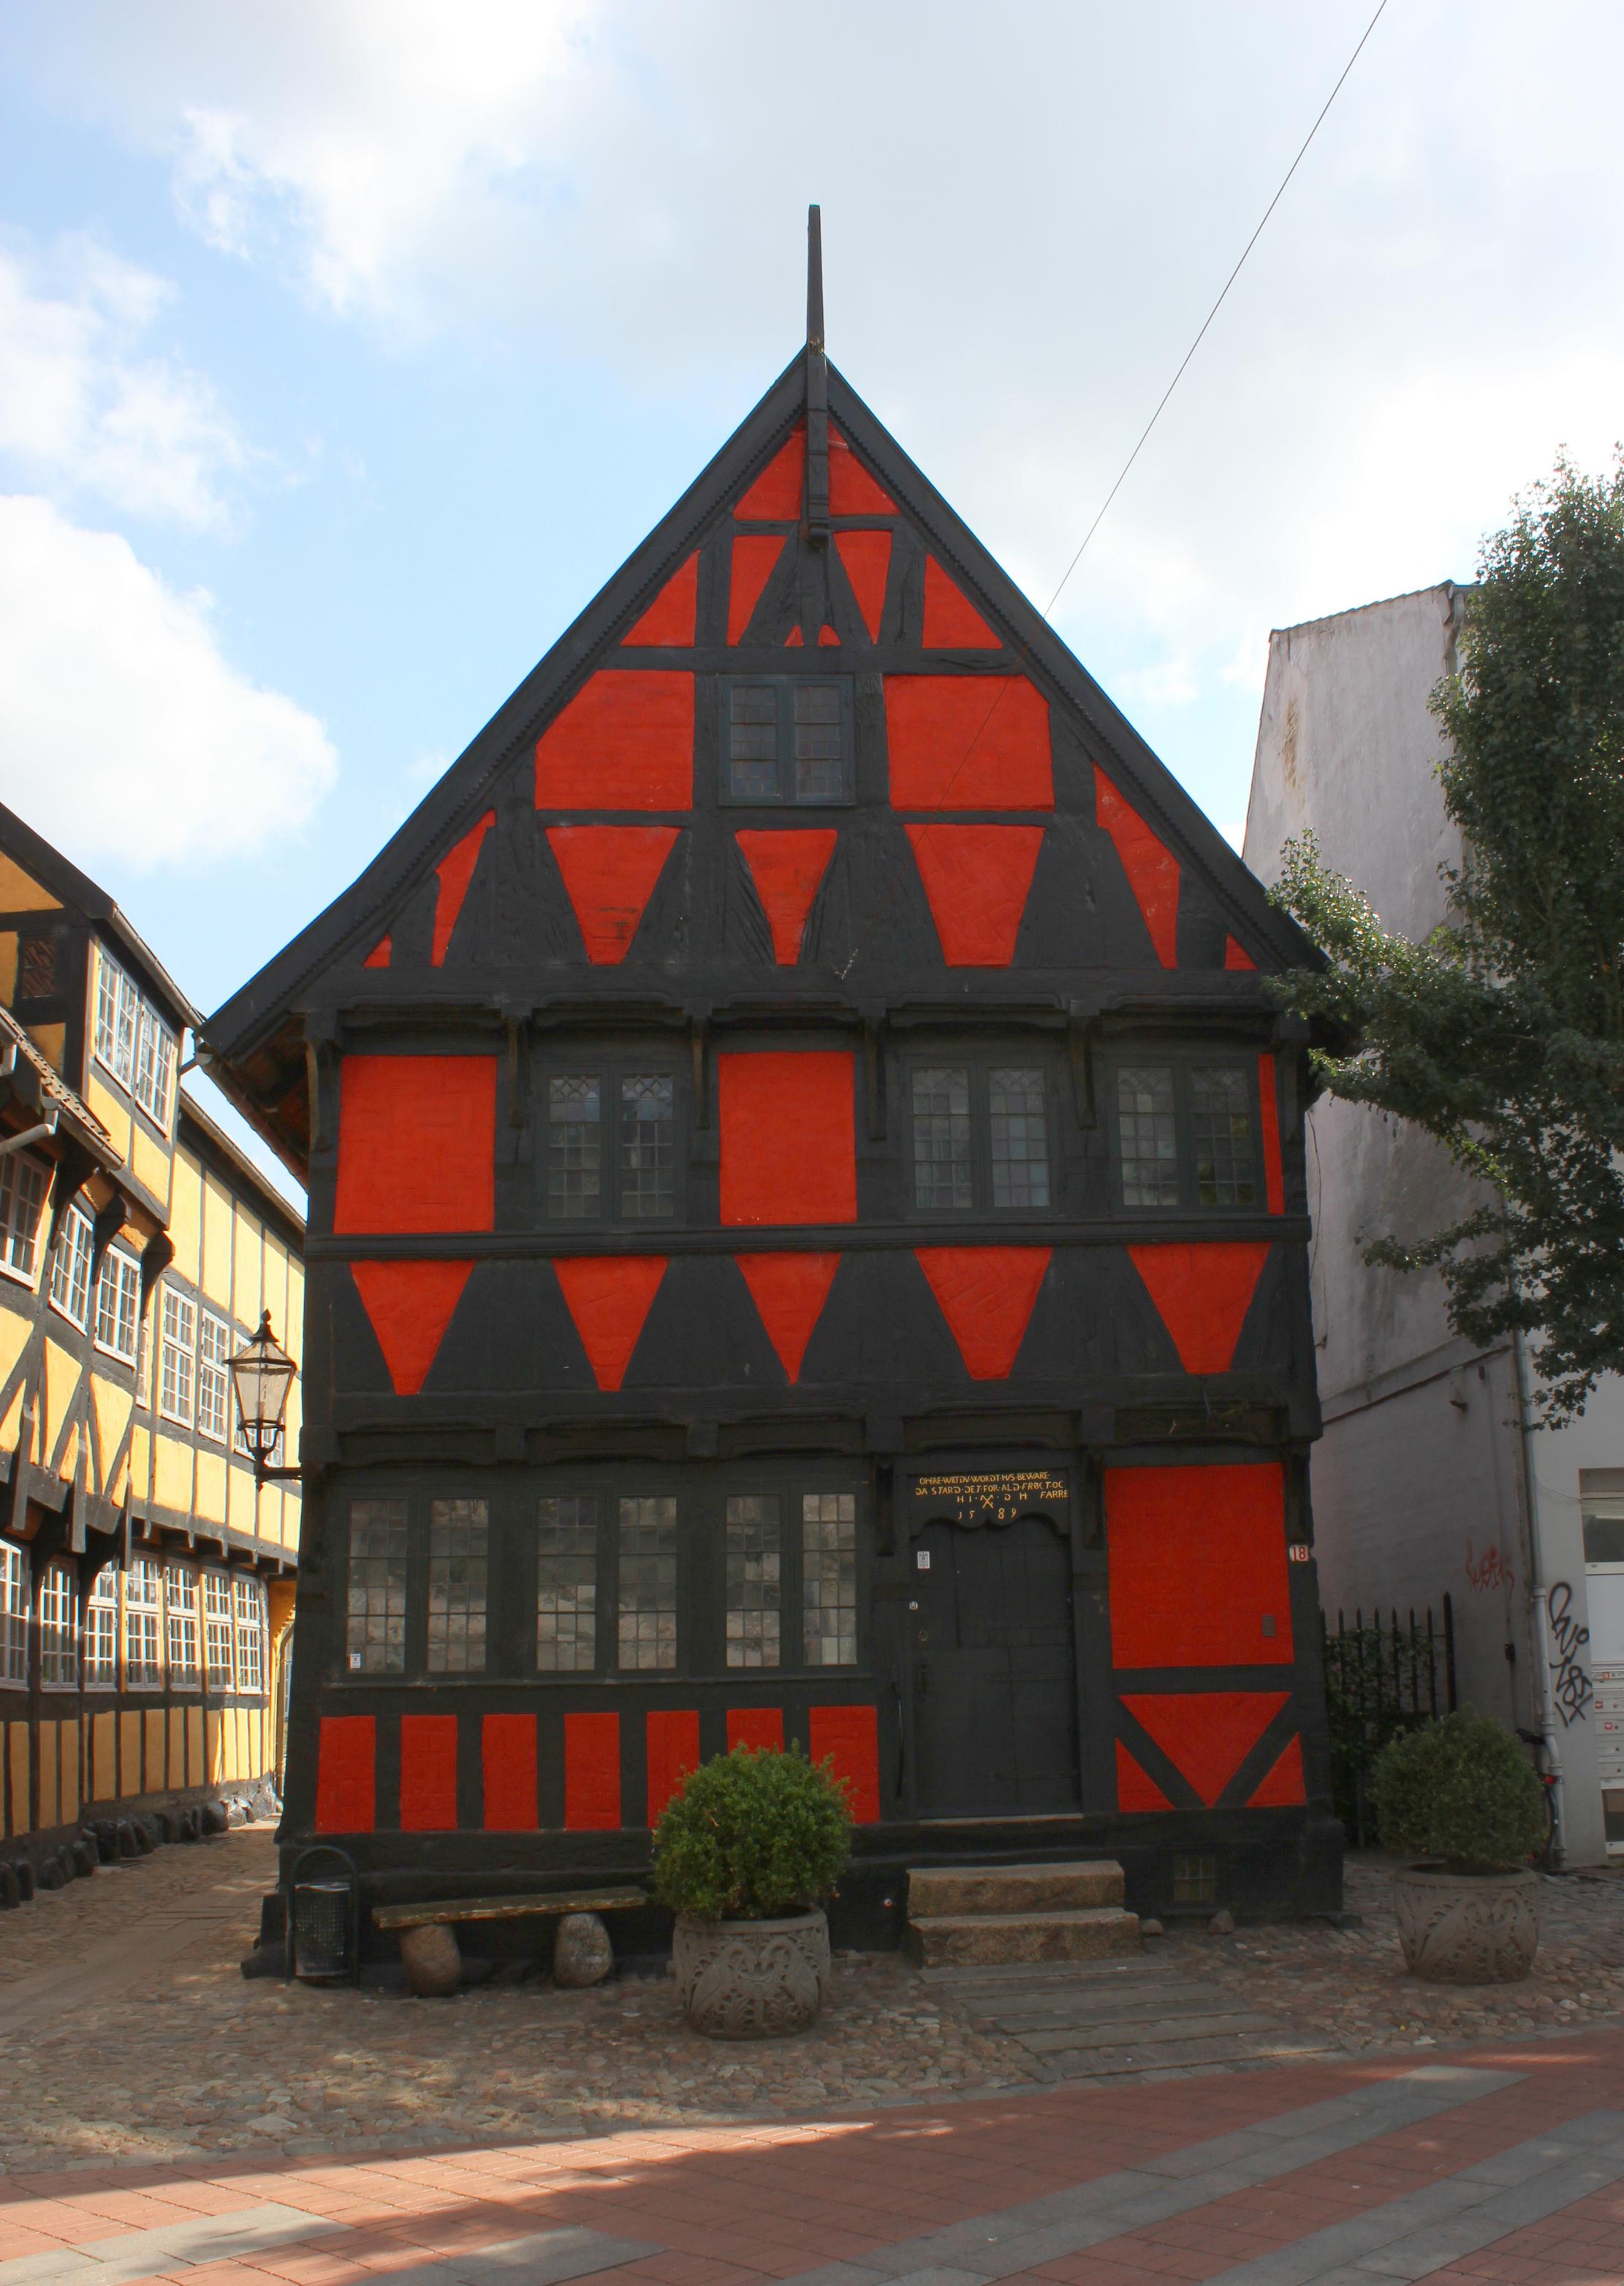 billige huse i nordjylland krak kort odense